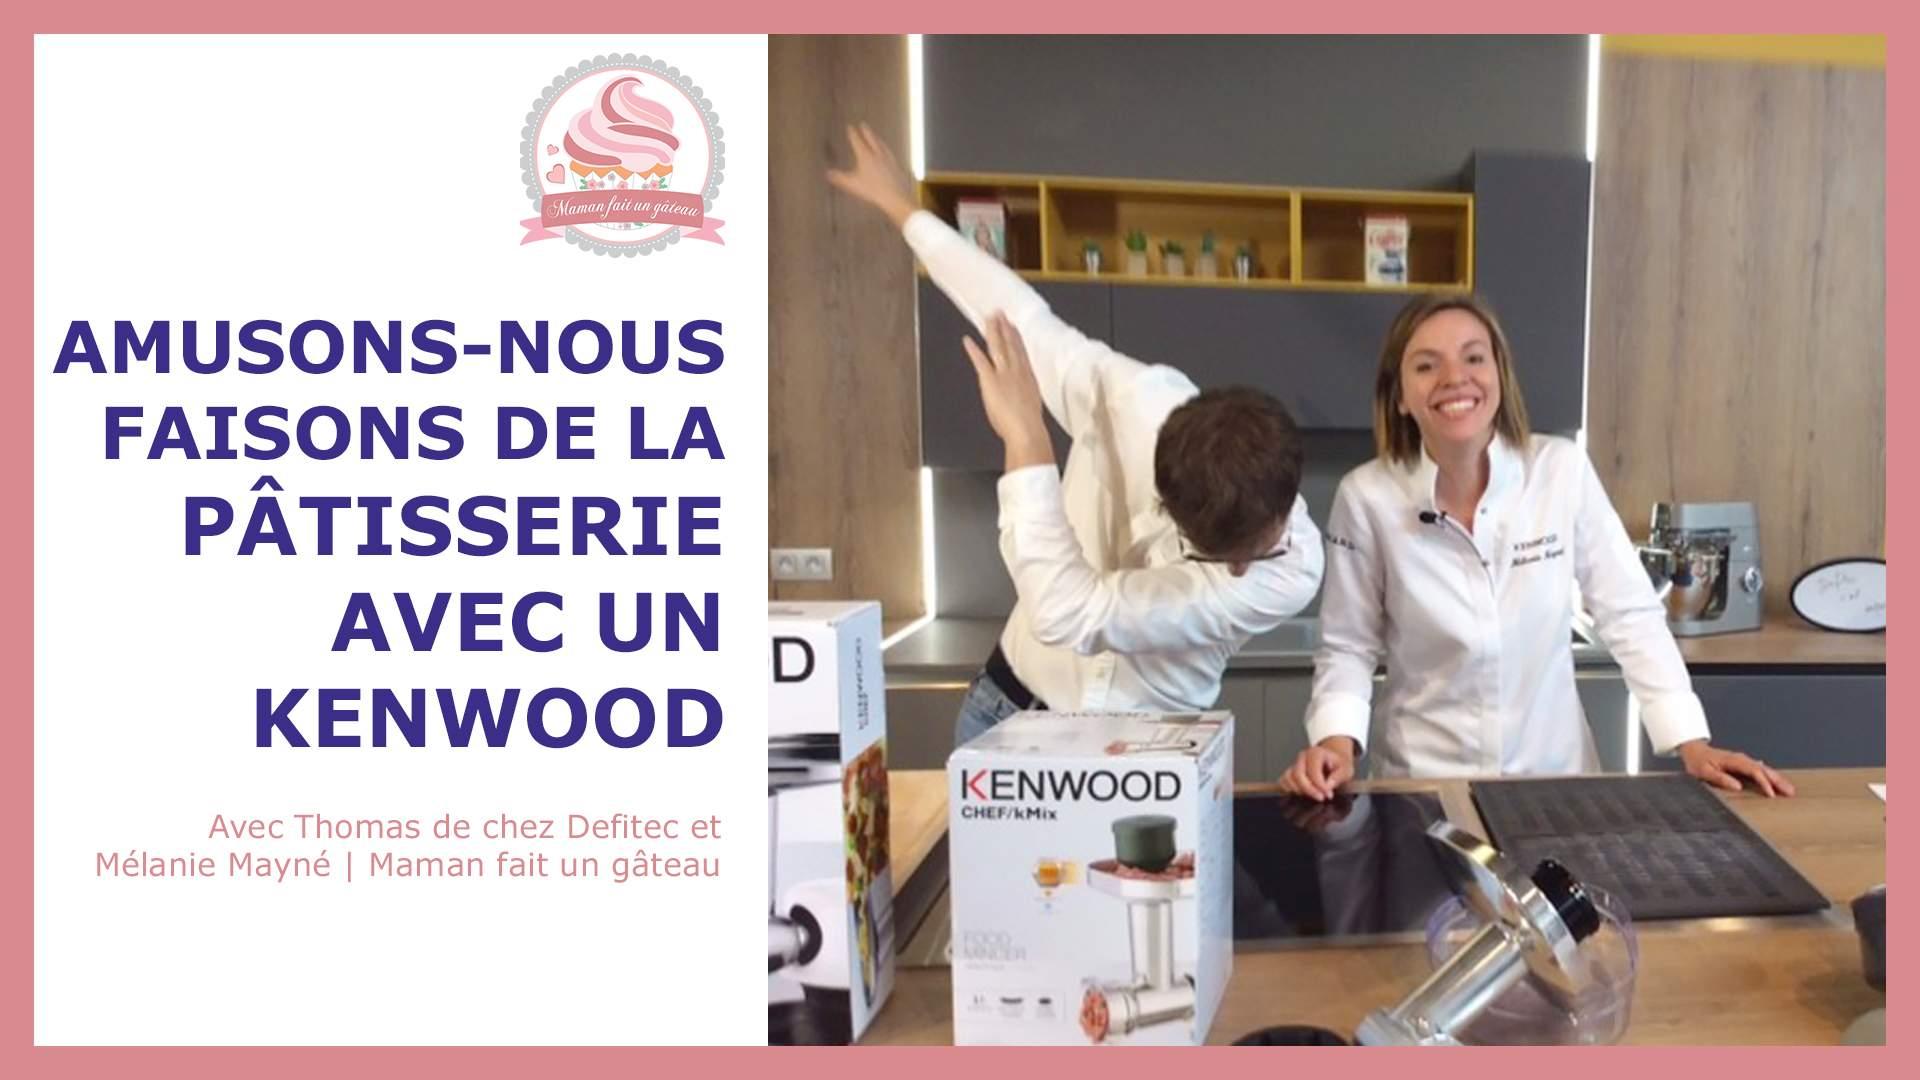 Mélanie Mayné du meilleur pâtissier présente quelques recettes de son blog avec son Kenwood Cooking Chef